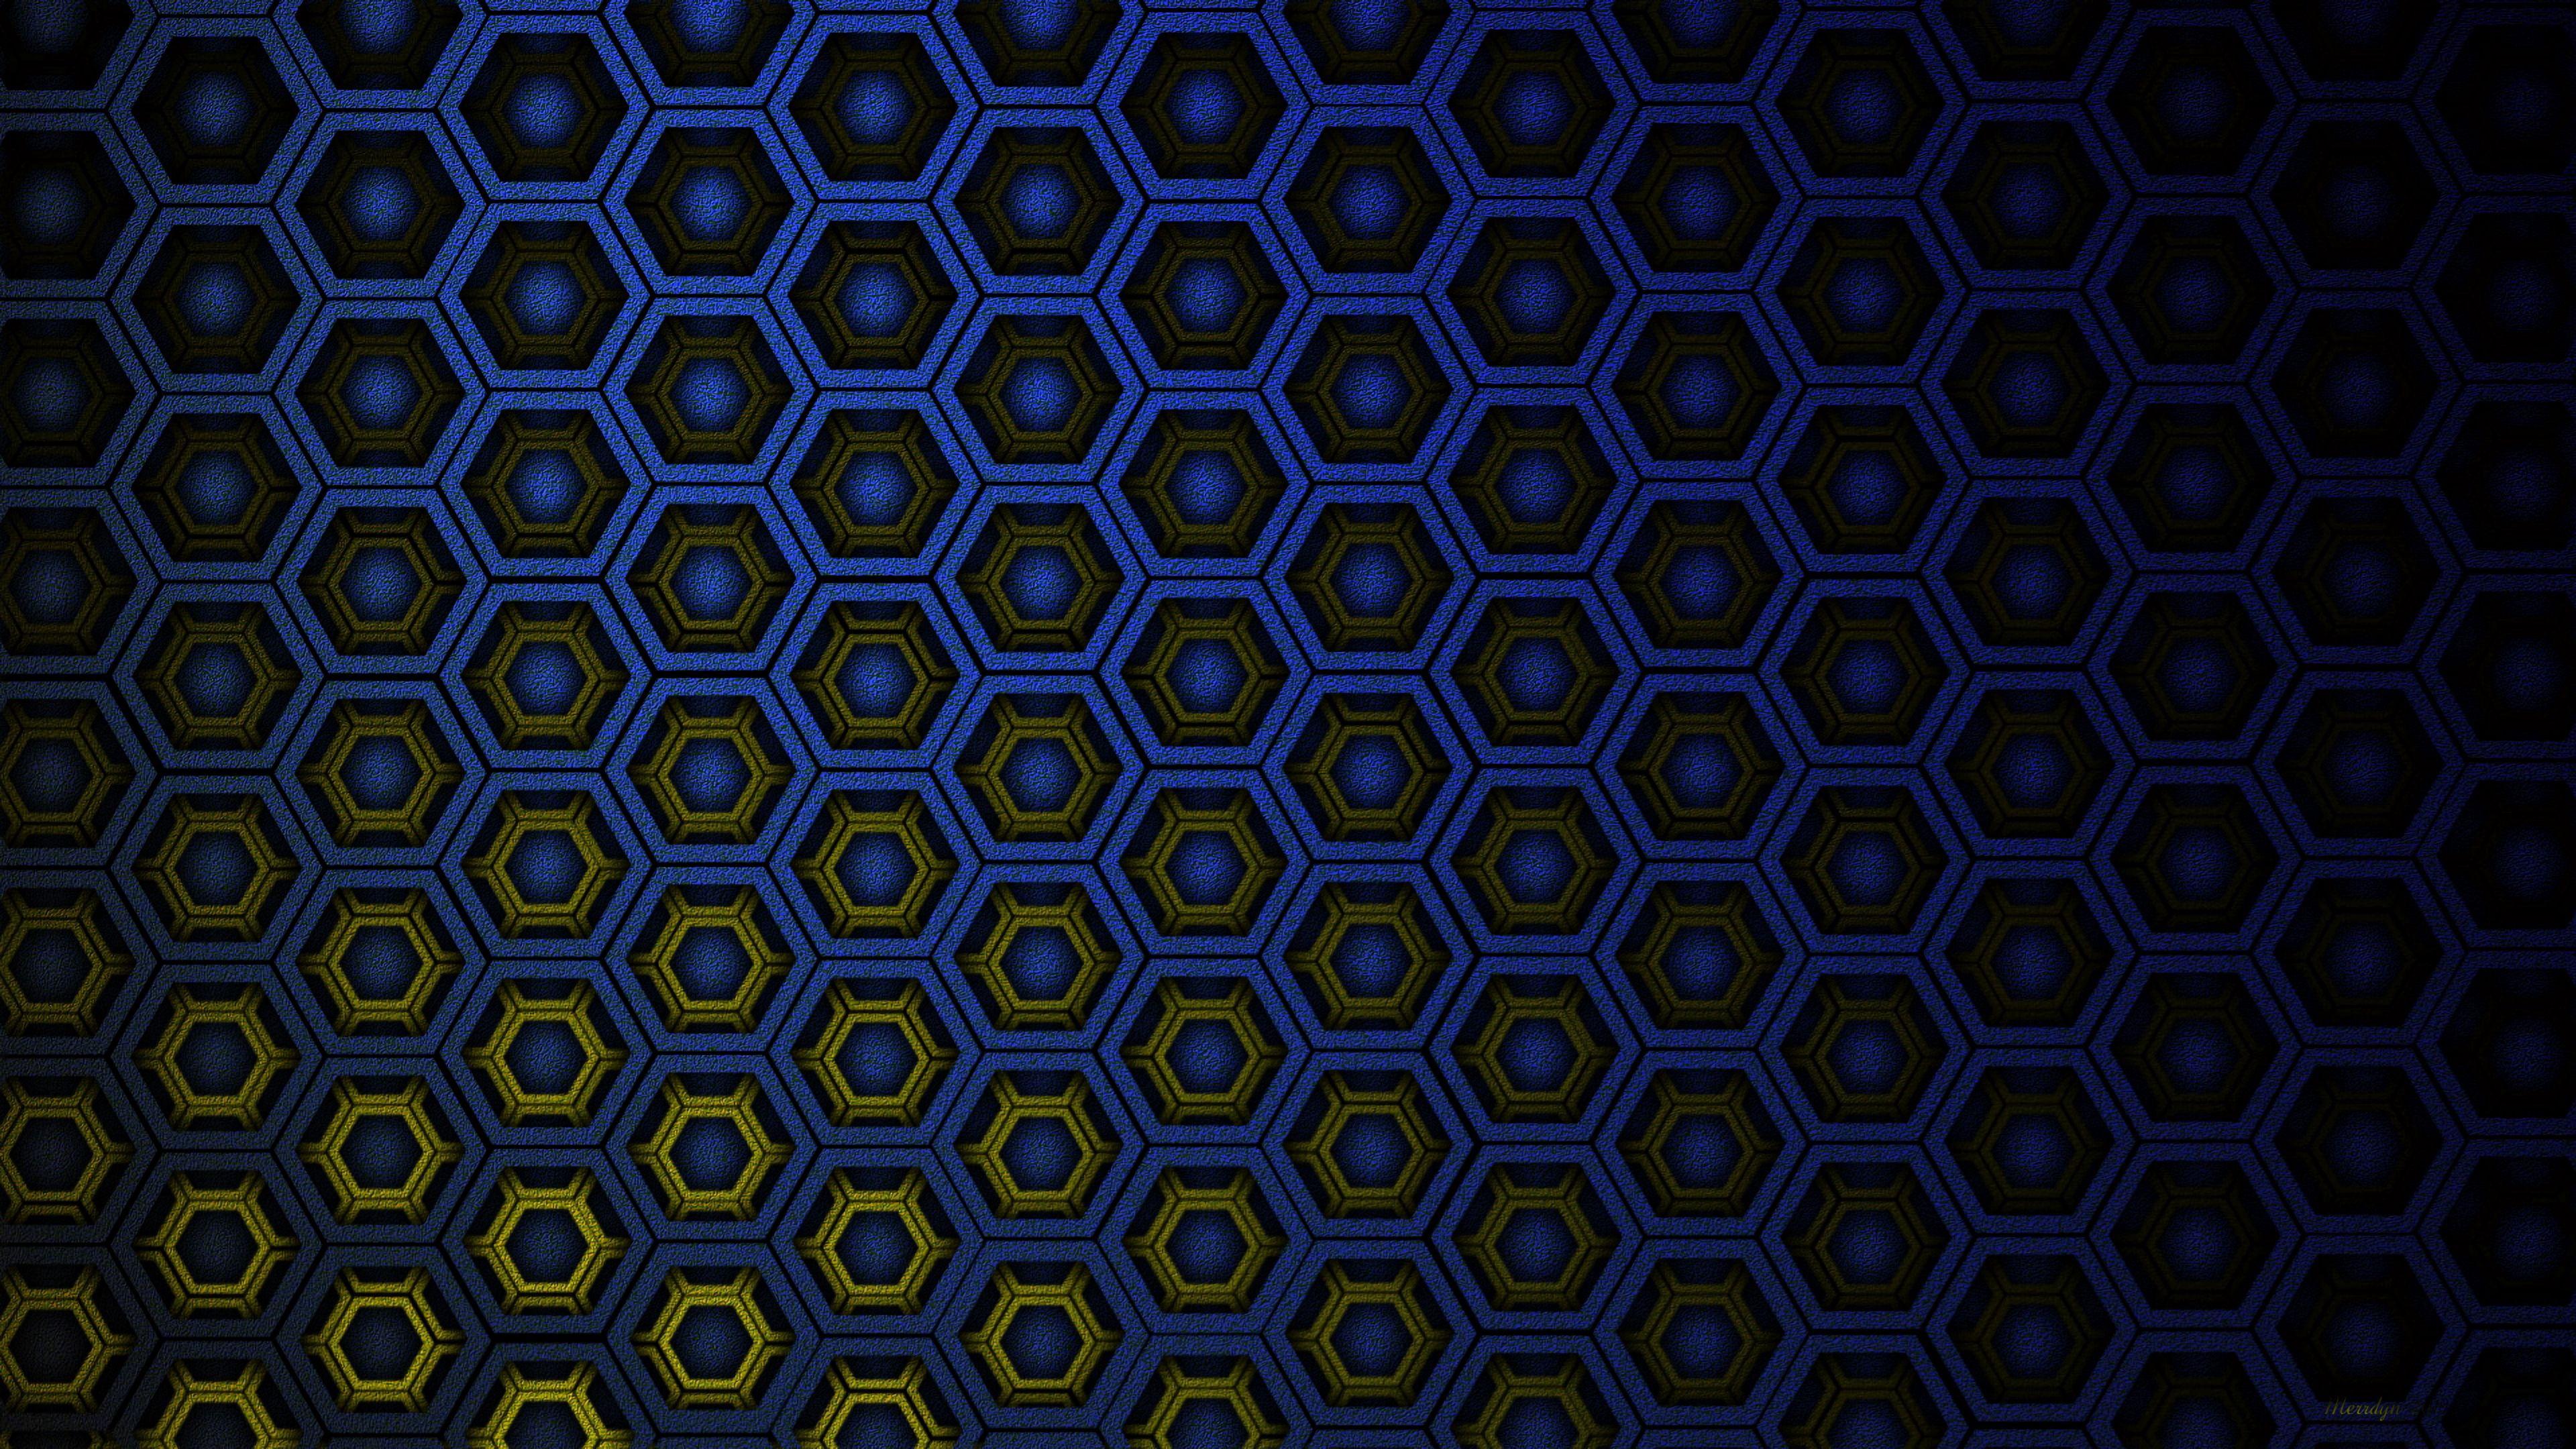 109750 Hintergrundbild herunterladen Textur, Texturen, Zellen, Gradient, Farbverlauf, Sechsecke, Zelle - Bildschirmschoner und Bilder kostenlos